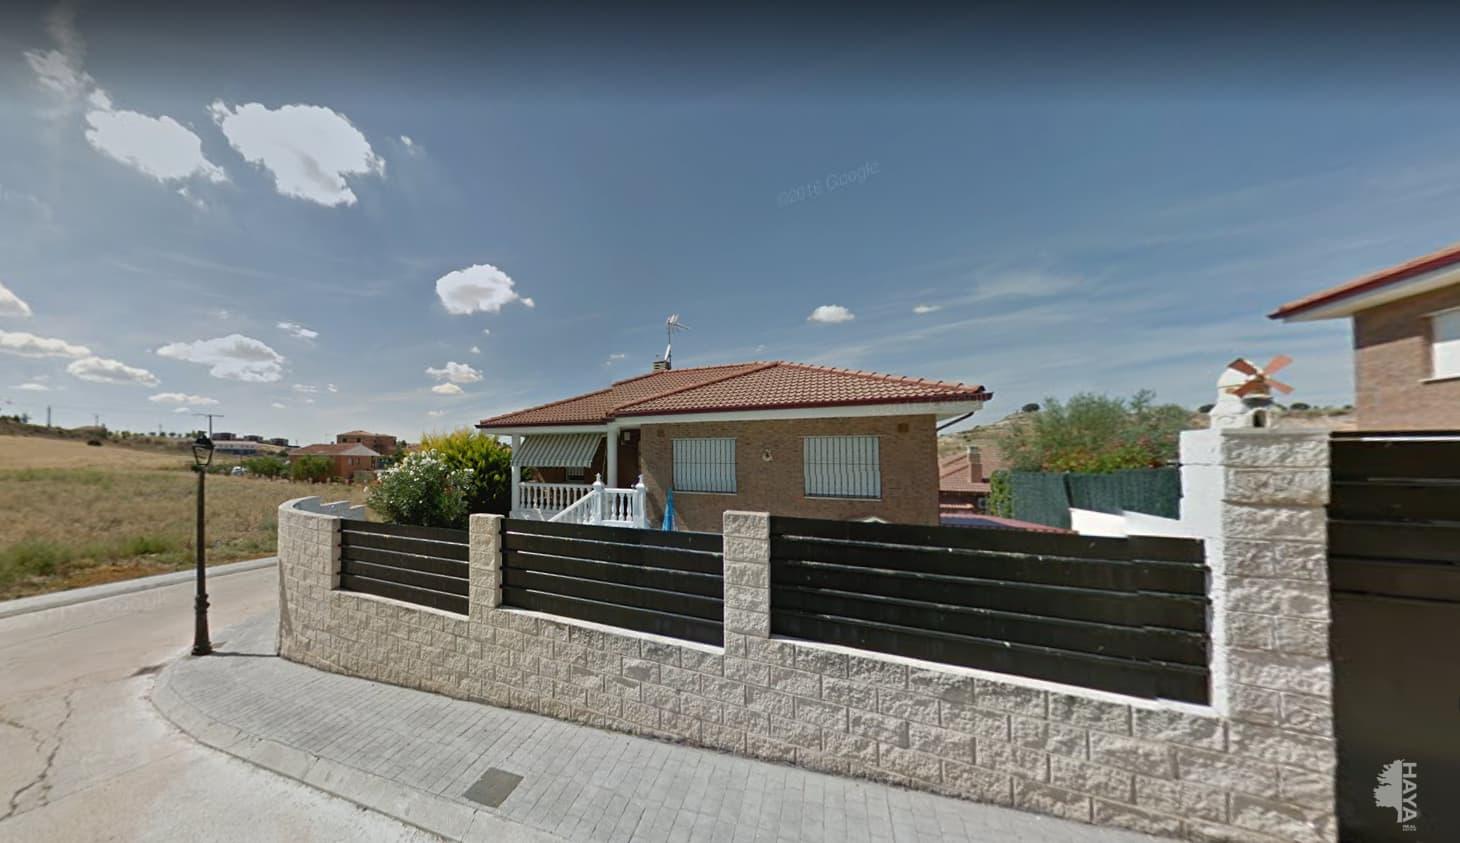 Casa en venta en Yebes, Yebes, Guadalajara, Calle Rio Tajuña, 142.000 €, 3 habitaciones, 3 baños, 163 m2